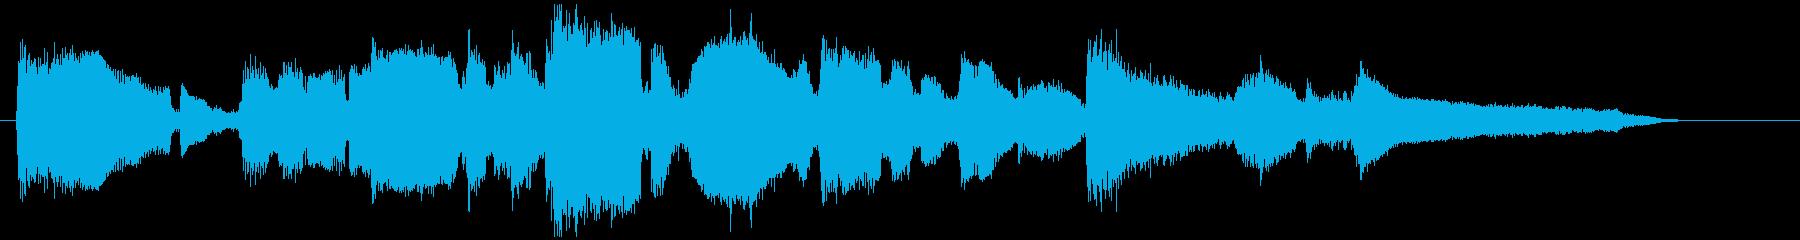 ソフトなサックスの15秒CM用バラード曲の再生済みの波形